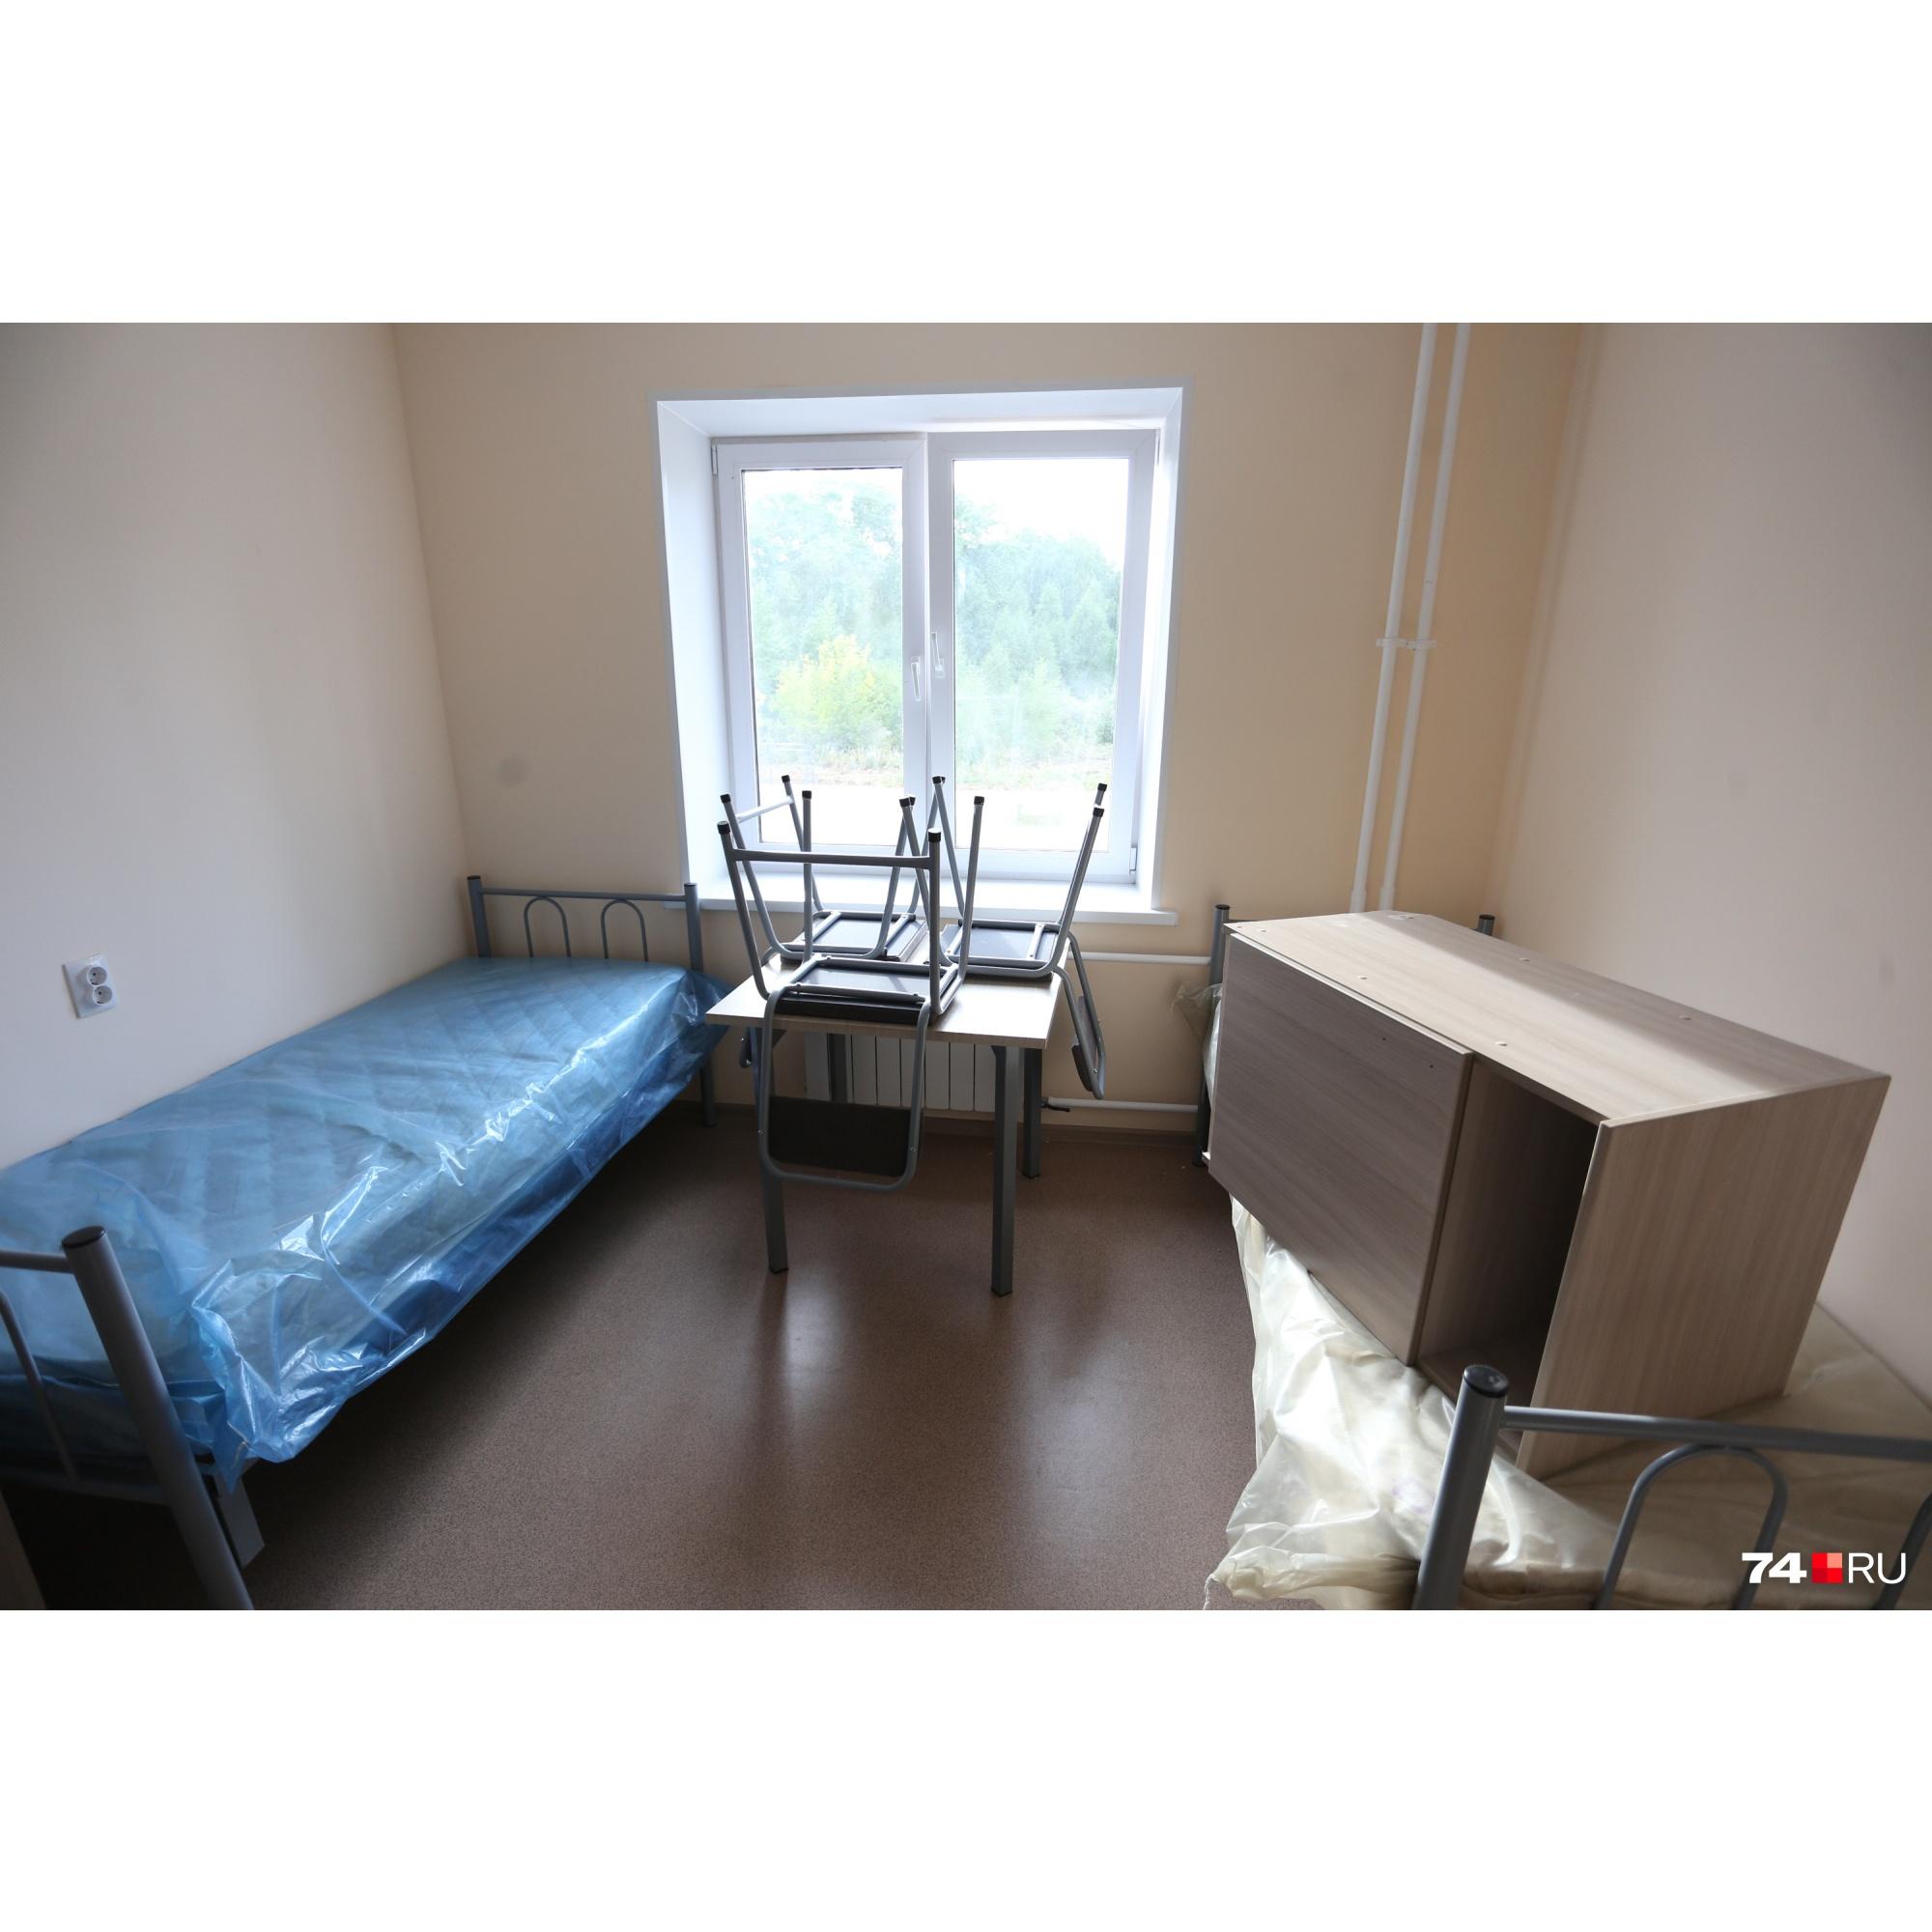 В каждой комнате будут жить по три человека